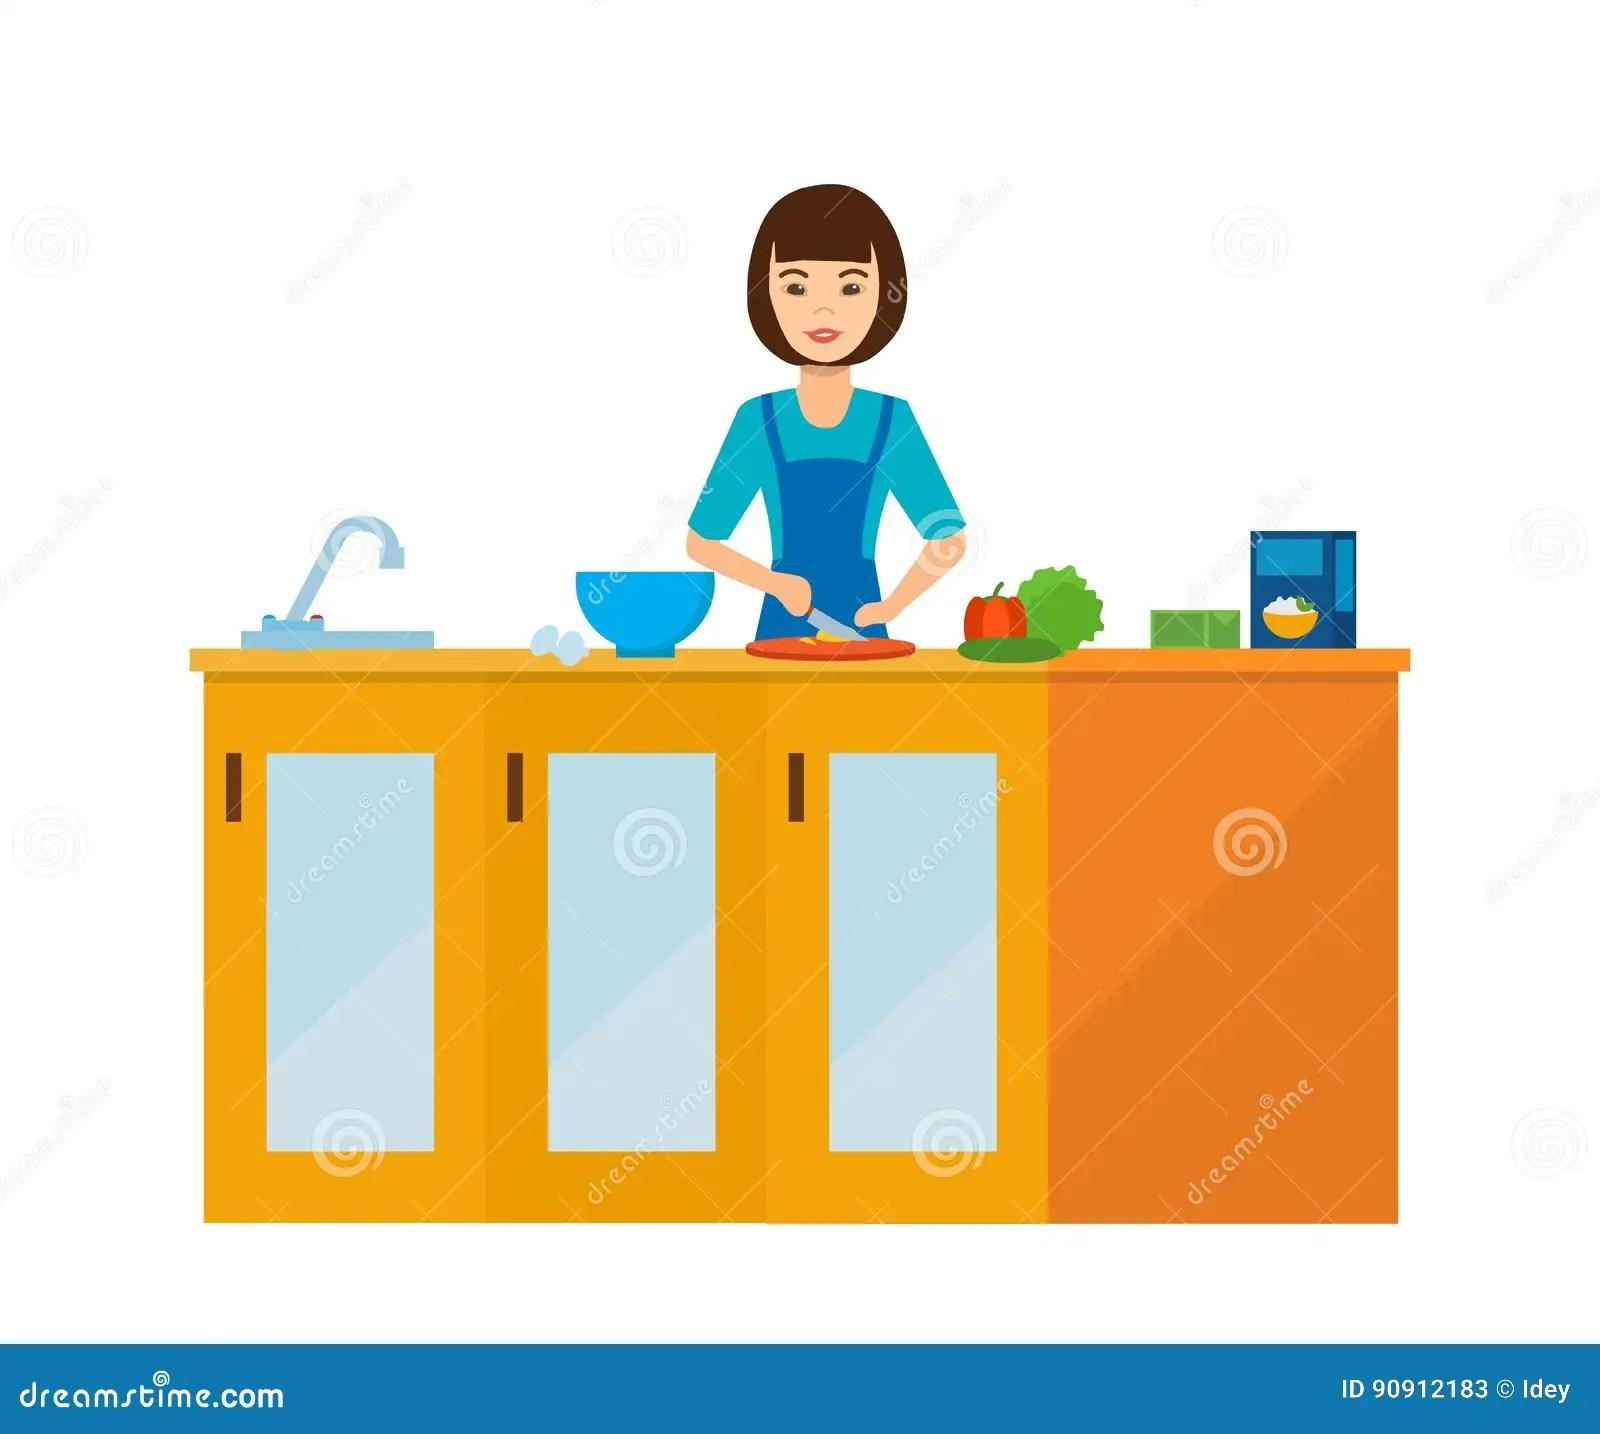 kitchen prep table refacing cabinets 主妇女孩在厨房里在桌上 准备食物向量例证 插画包括有谷物 里面 食谱 准备食物